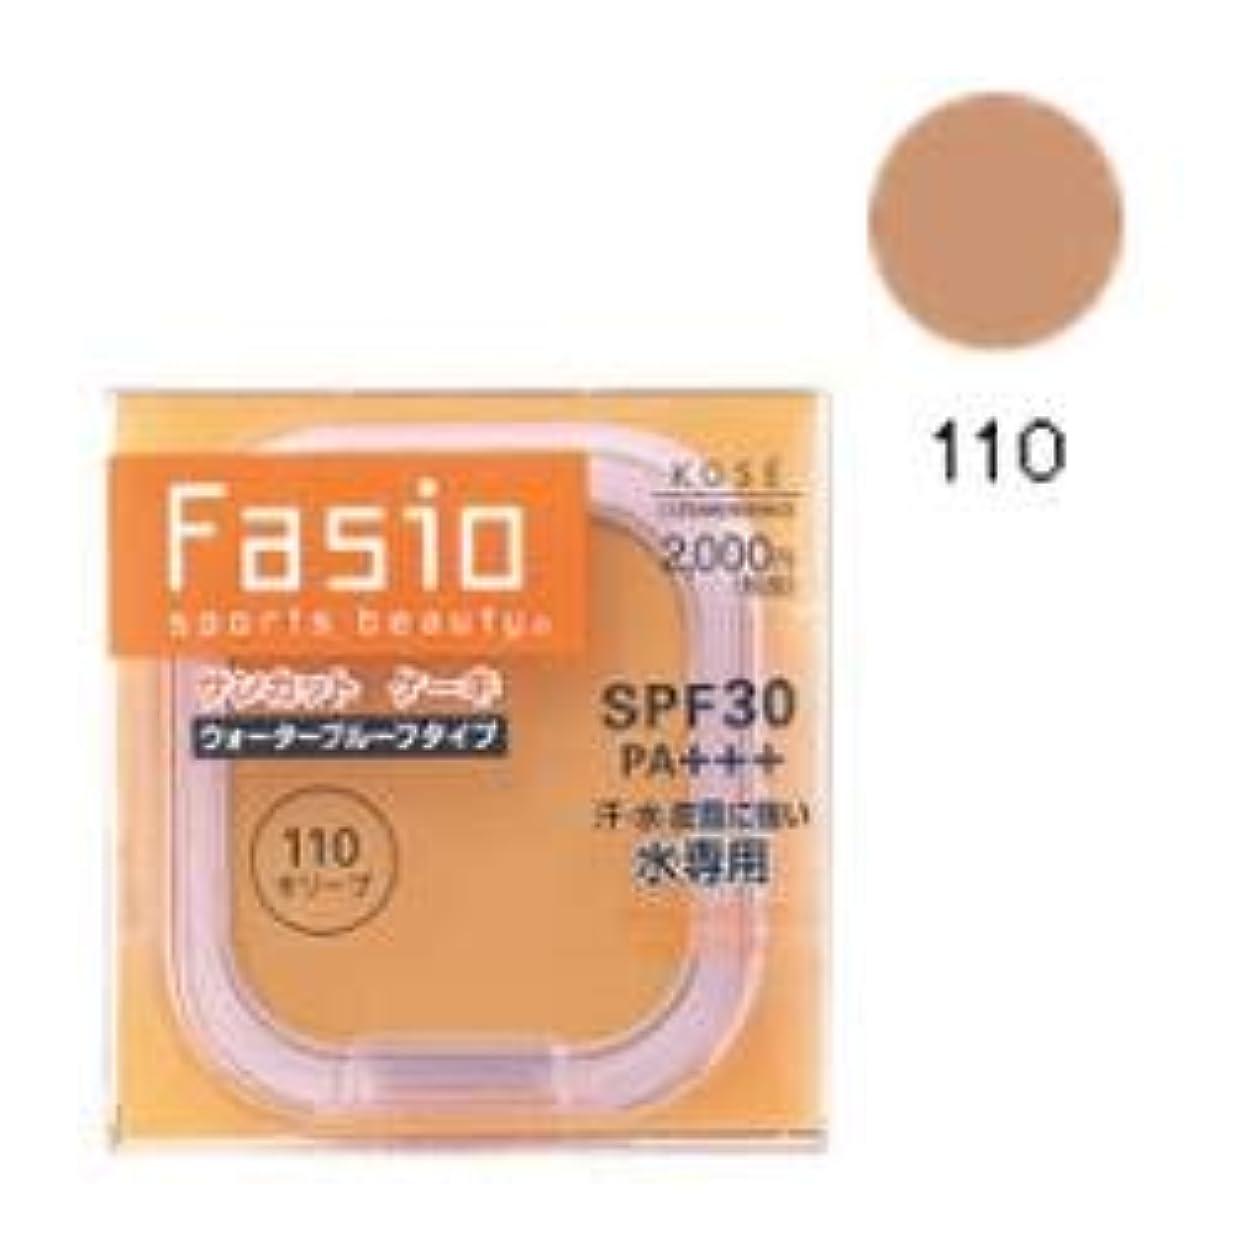 誤ってチャペル経験的コーセー Fasio ファシオ サンカット ケーキ 詰め替え用 110